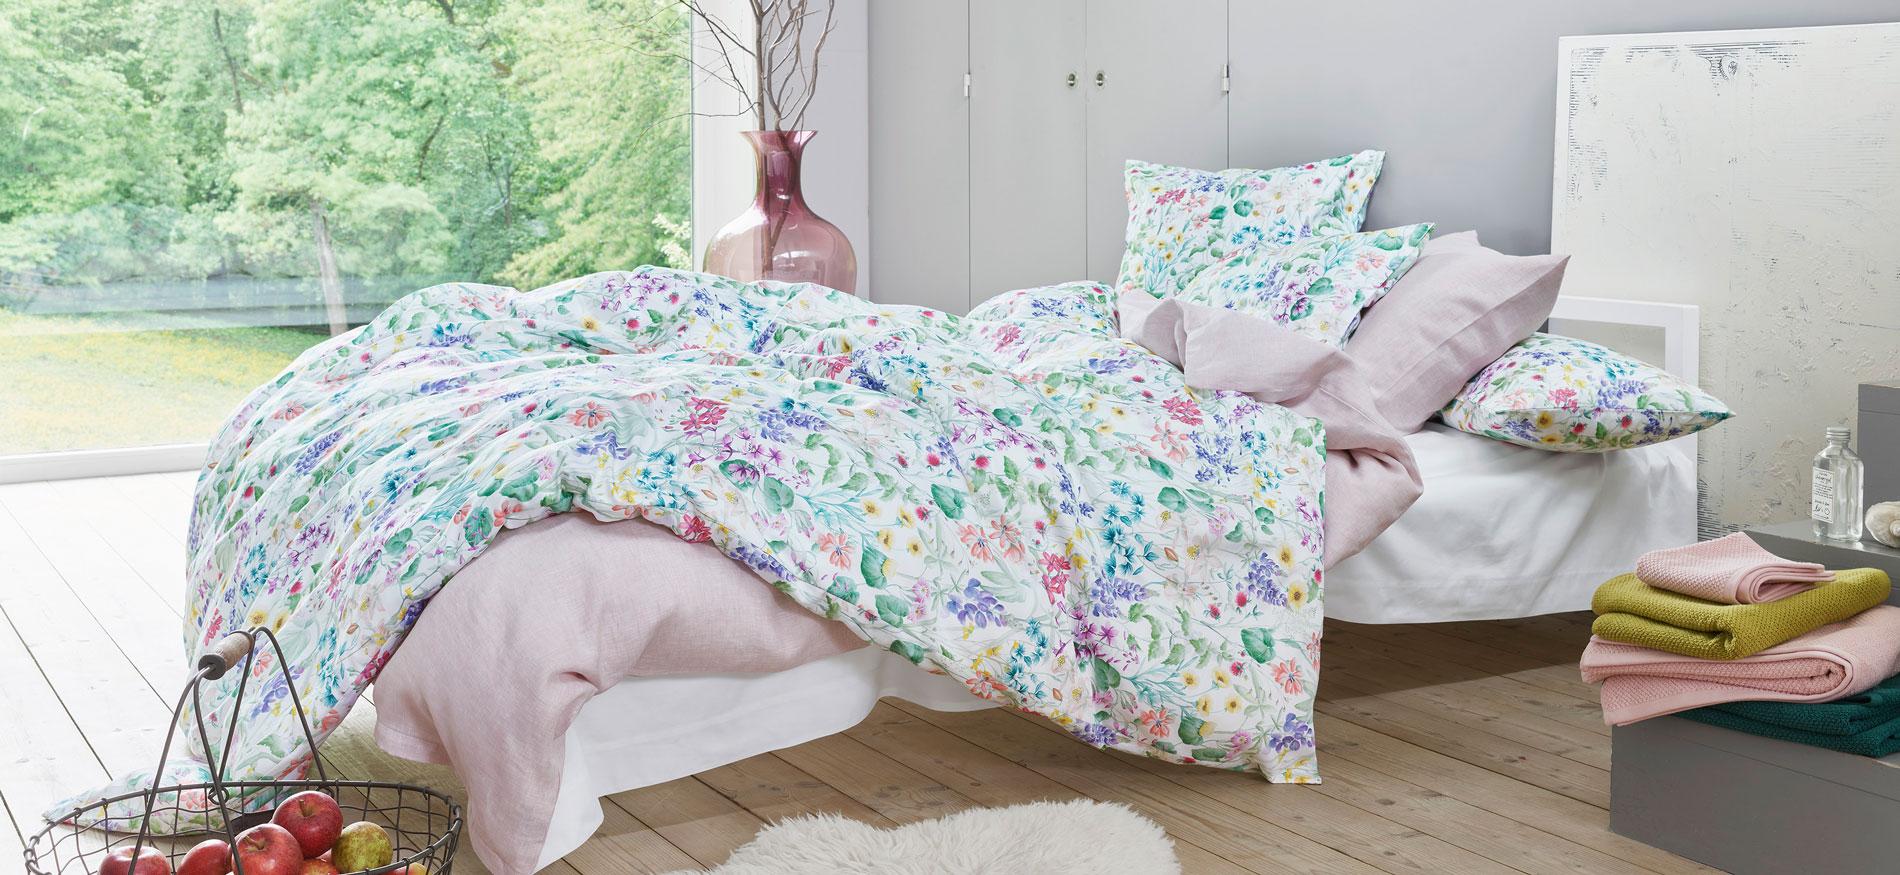 Schlossberg Bettwäsche aus der Schweiz maßgefertigt bestellen